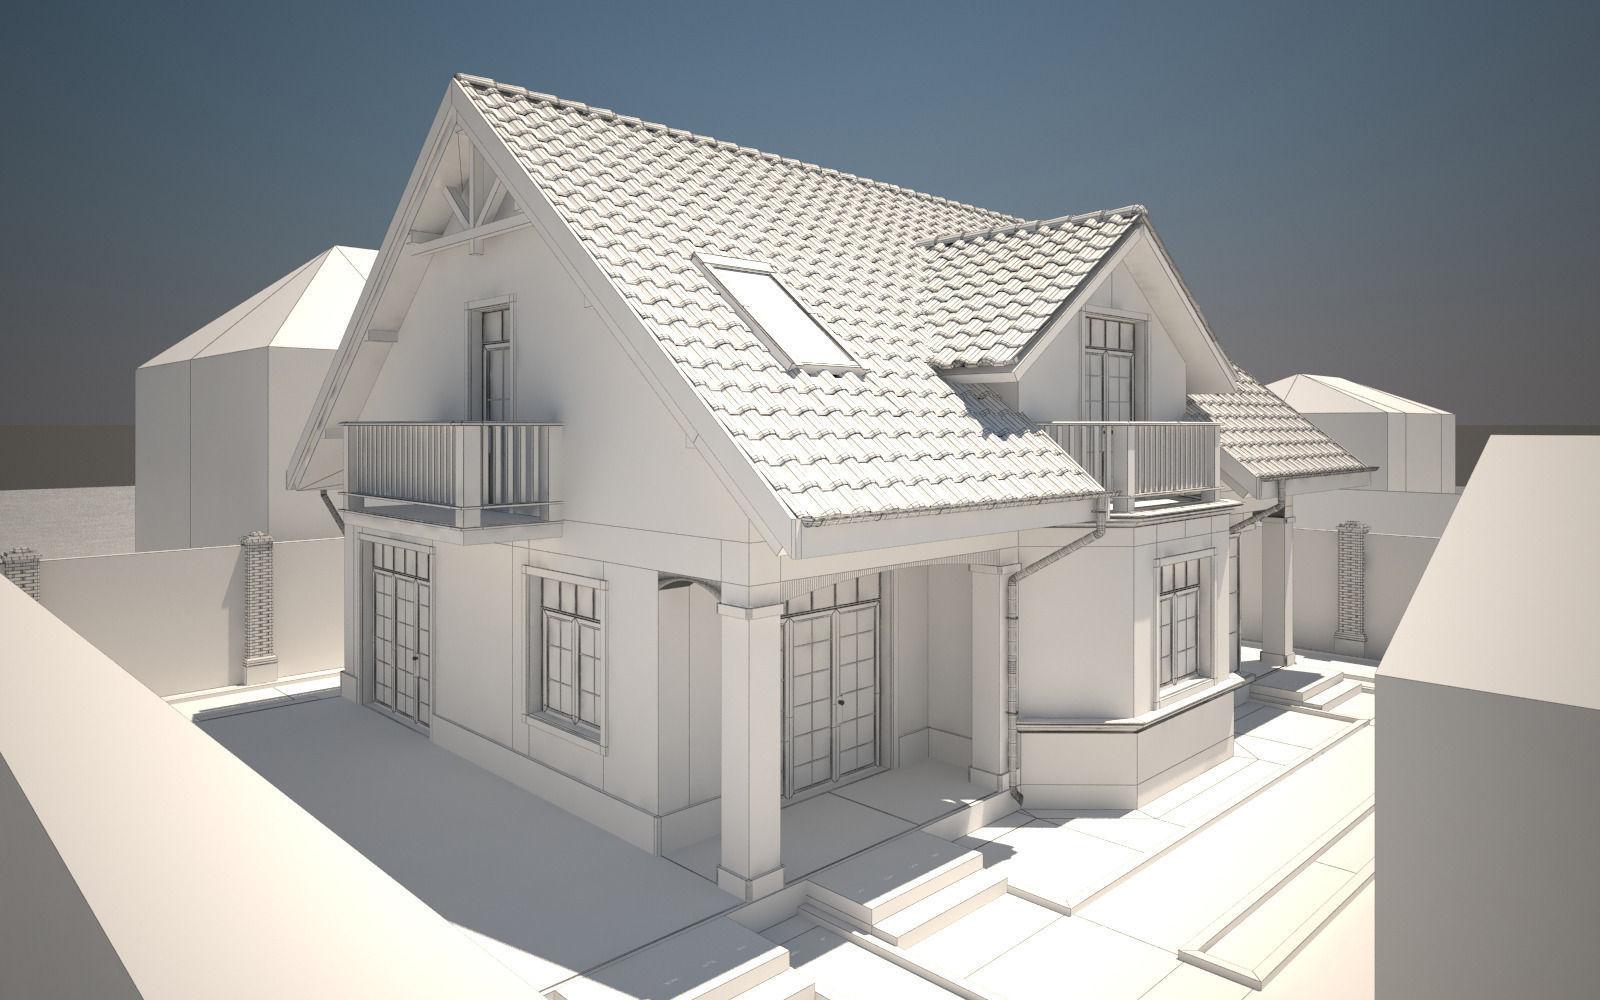 House Exterior 3d Model Max Obj 3ds Dwg Mtl Tga 4